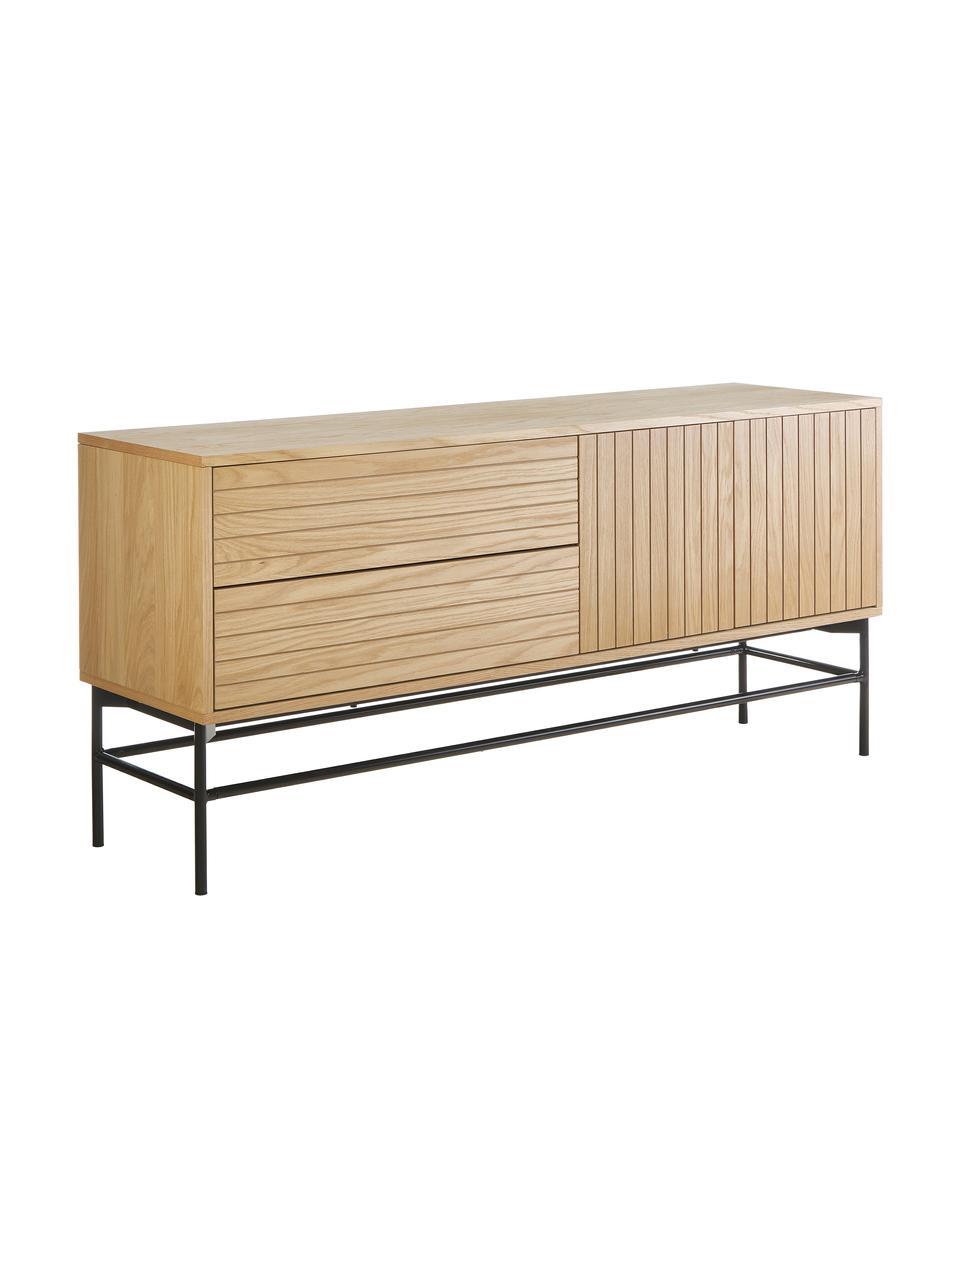 Modernes Sideboard Johan mit Türen und Eichenholzfurnier, Korpus: Mitteldichte Holzfaserpla, Gestell: Metall, pulverbeschichtet, Korpus: EichenholzfurnierFüße: Schwarz, matt, 160 x 75 cm